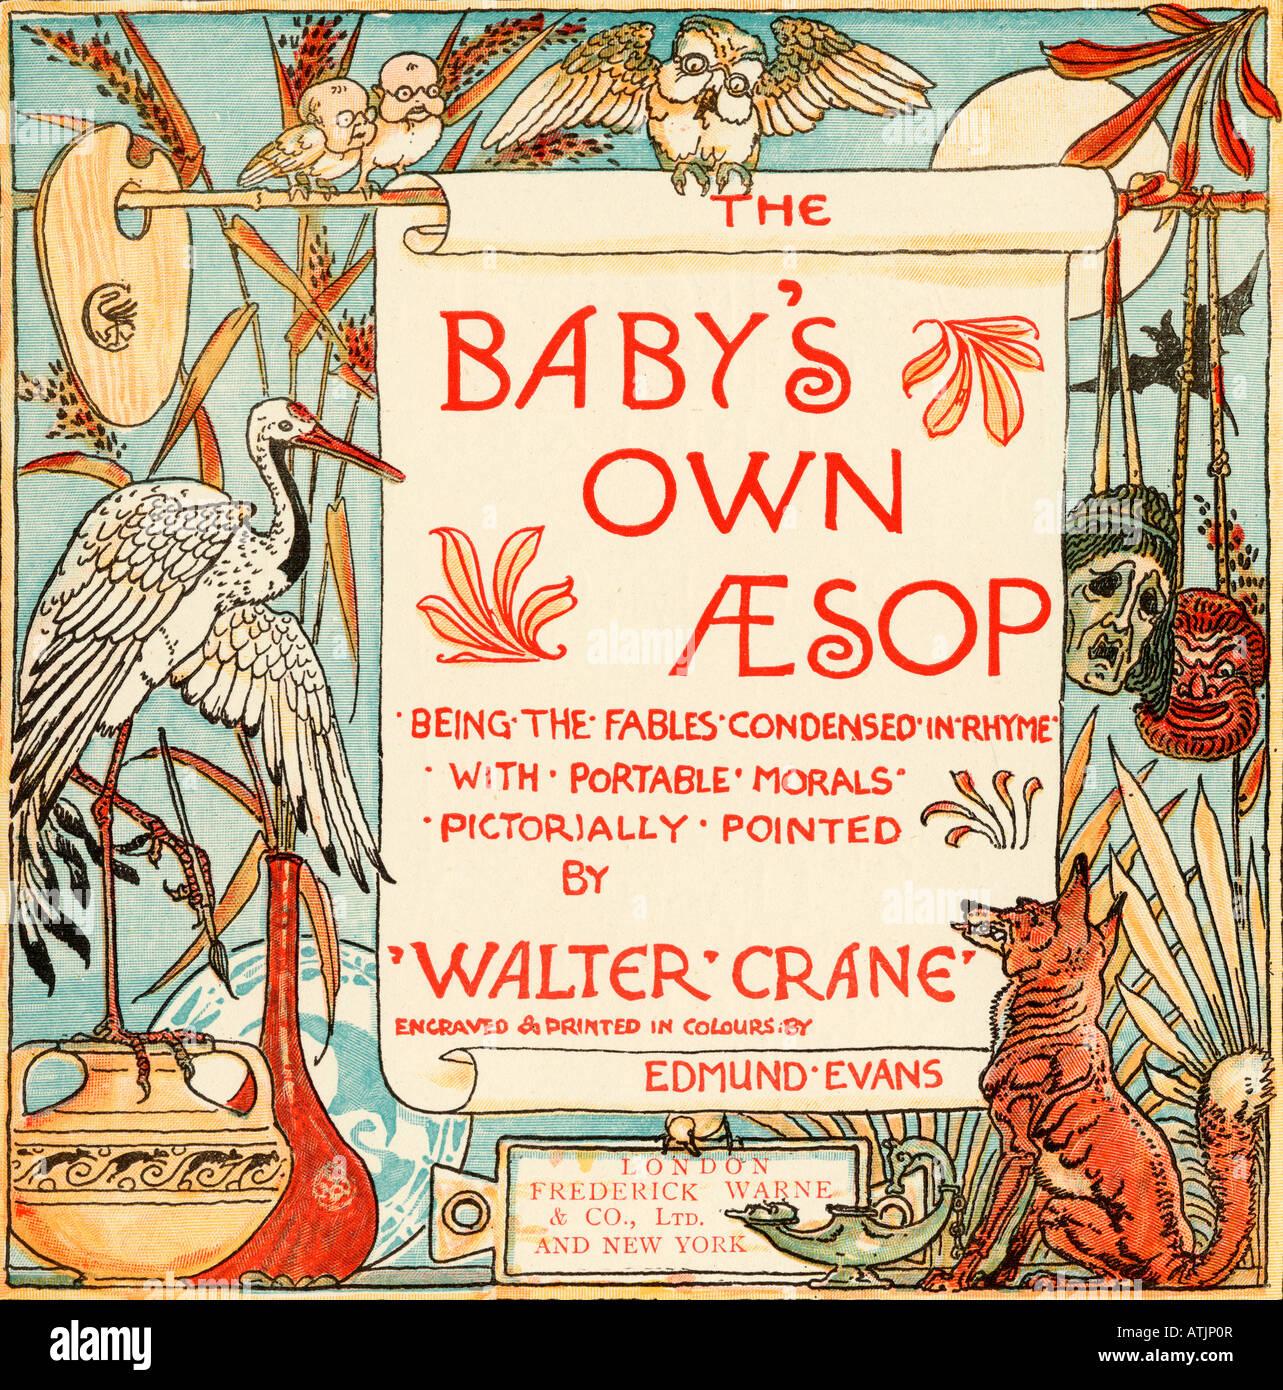 Pagina del titolo del libro Il Bambinos proprio Esopo da Walter gru pubblicato c1920rom il libro Bambinos proprio Immagini Stock